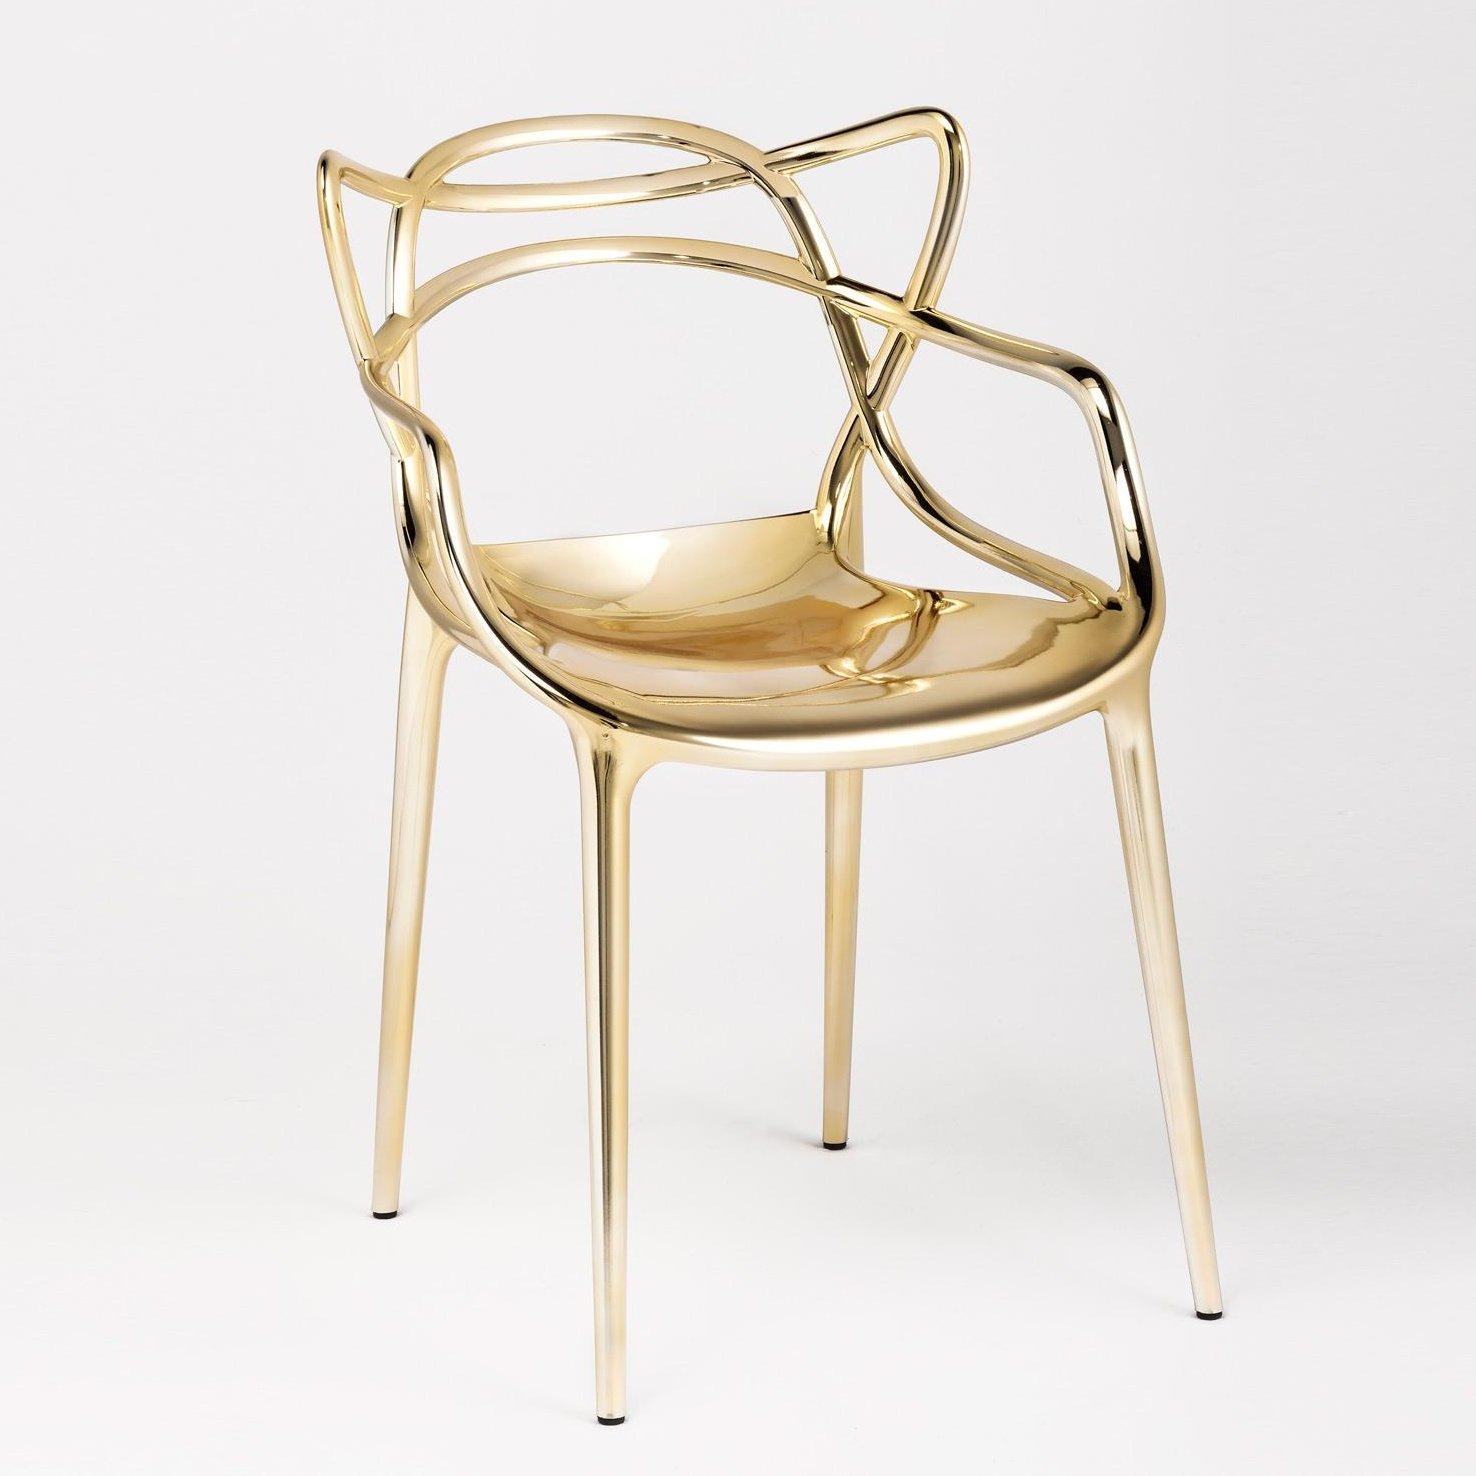 Exceptional Einfache Dekoration Und Mobel Kartell Masters #11: Kartell Masters Stuhl, Gold Glänzend: Amazon.de: Küche U0026 Haushalt